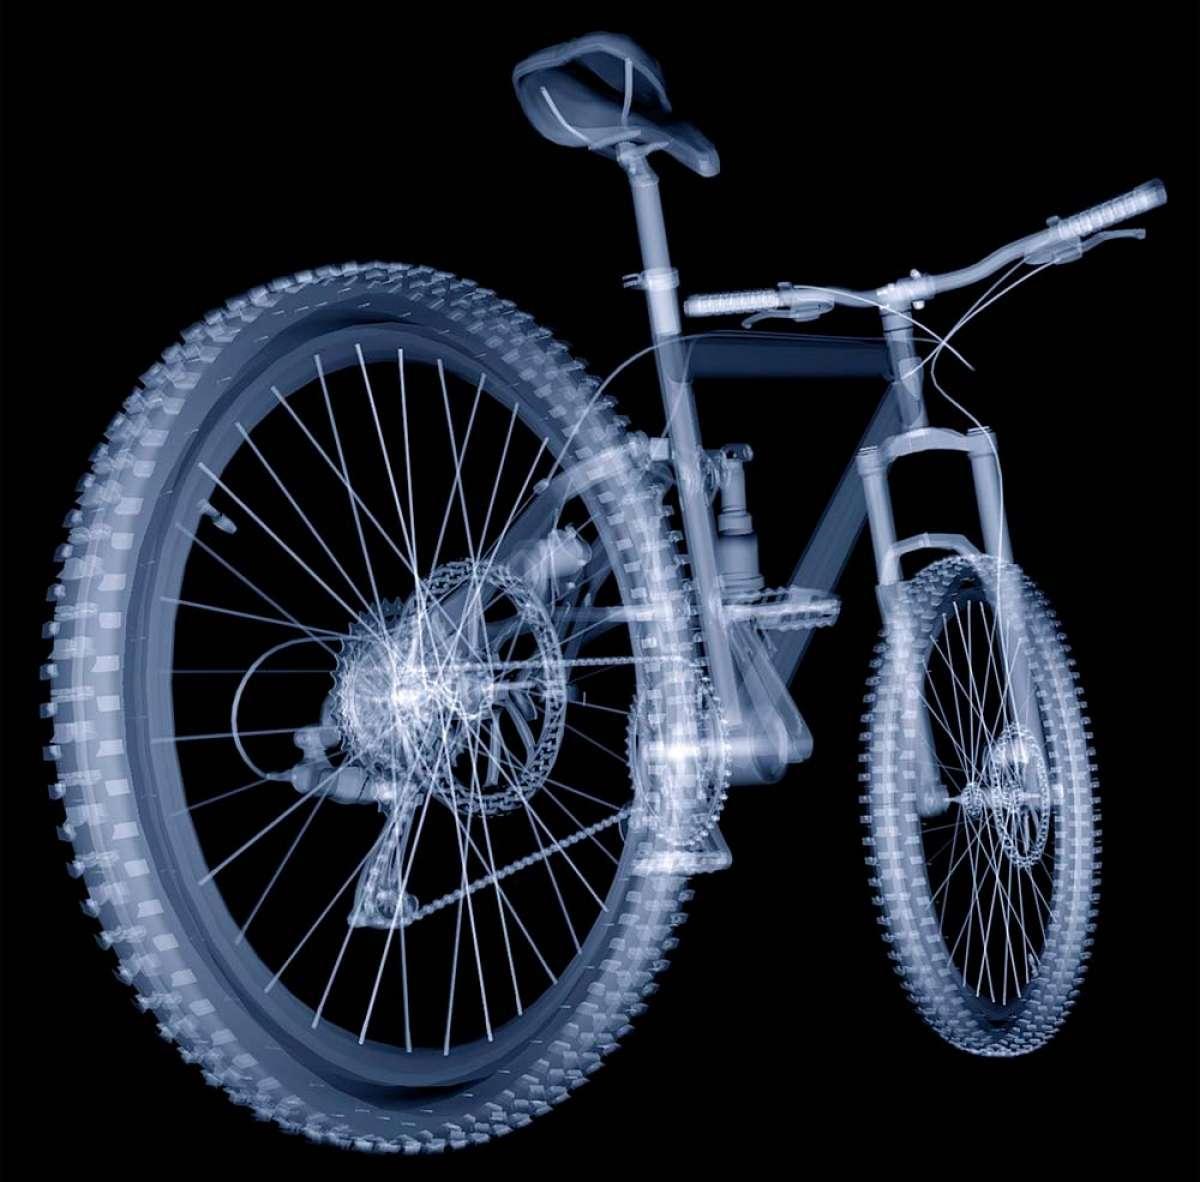 ¿Cómo alargar la vida de los cambios y las suspensiones de una bicicleta? Con dos sencillos hábitos